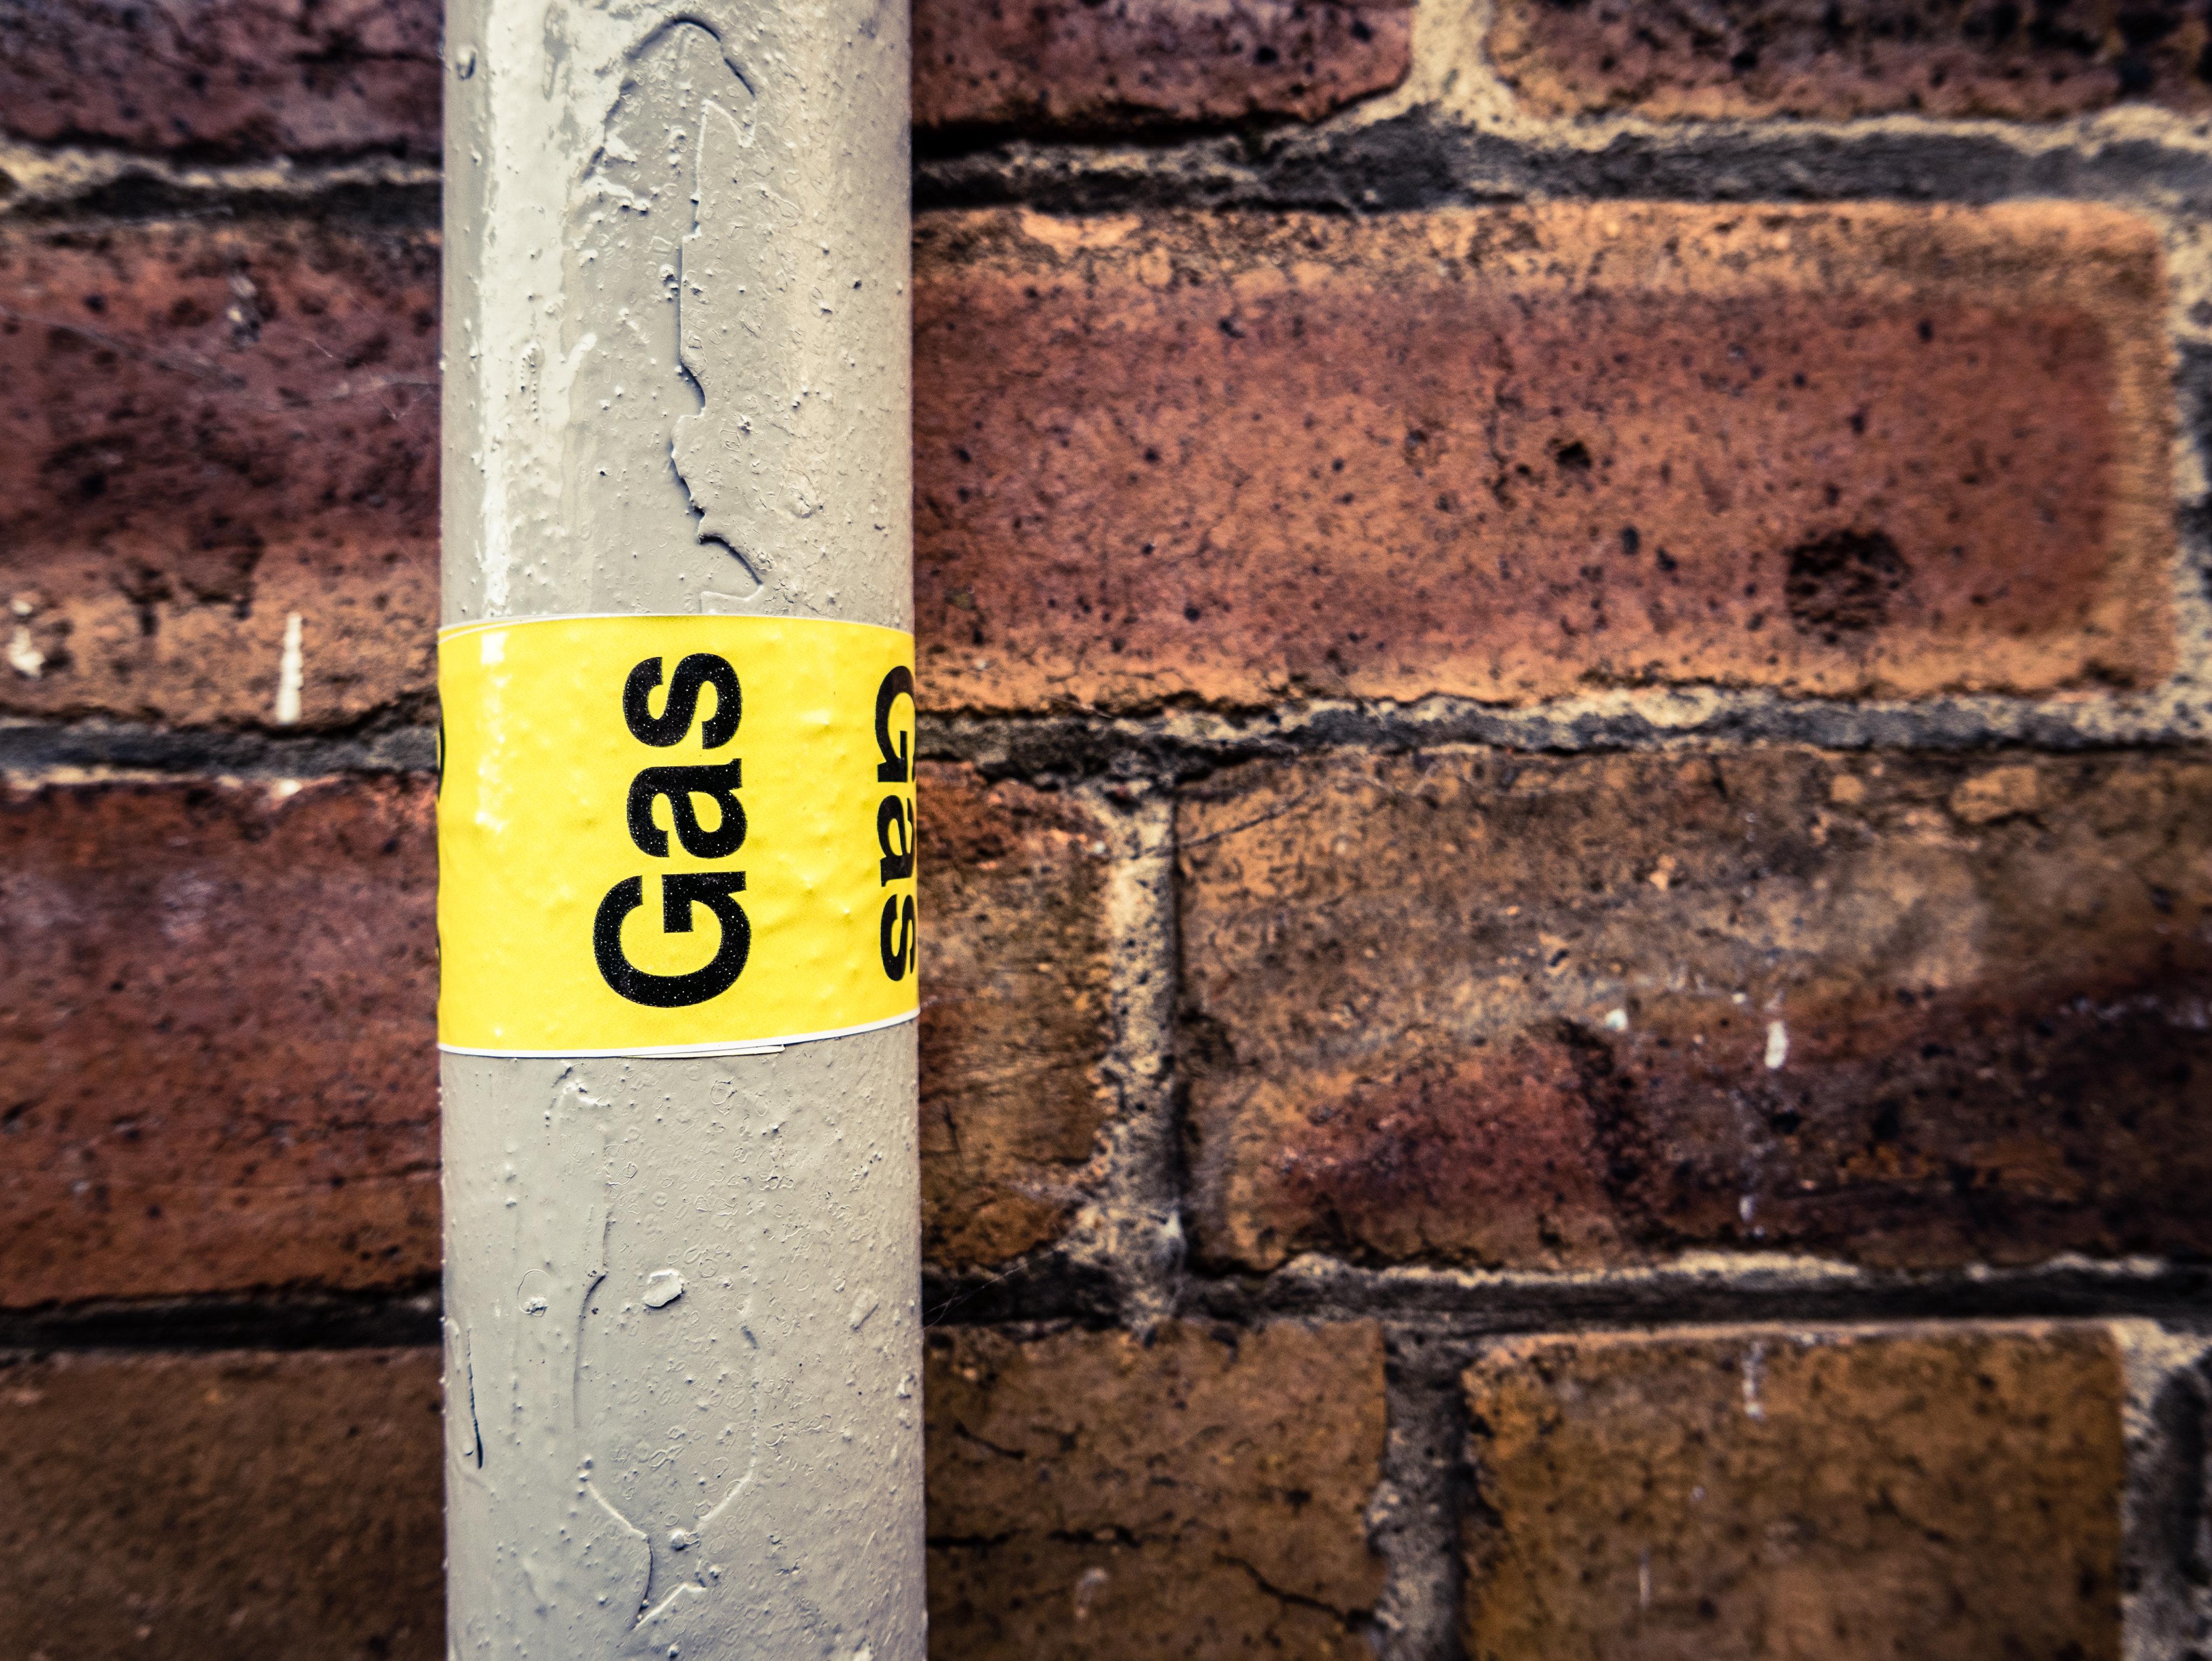 Από που περνά φυσικό αέριο σε Θερμαϊκό και Θέρμη το πρώτο εξάμηνο του